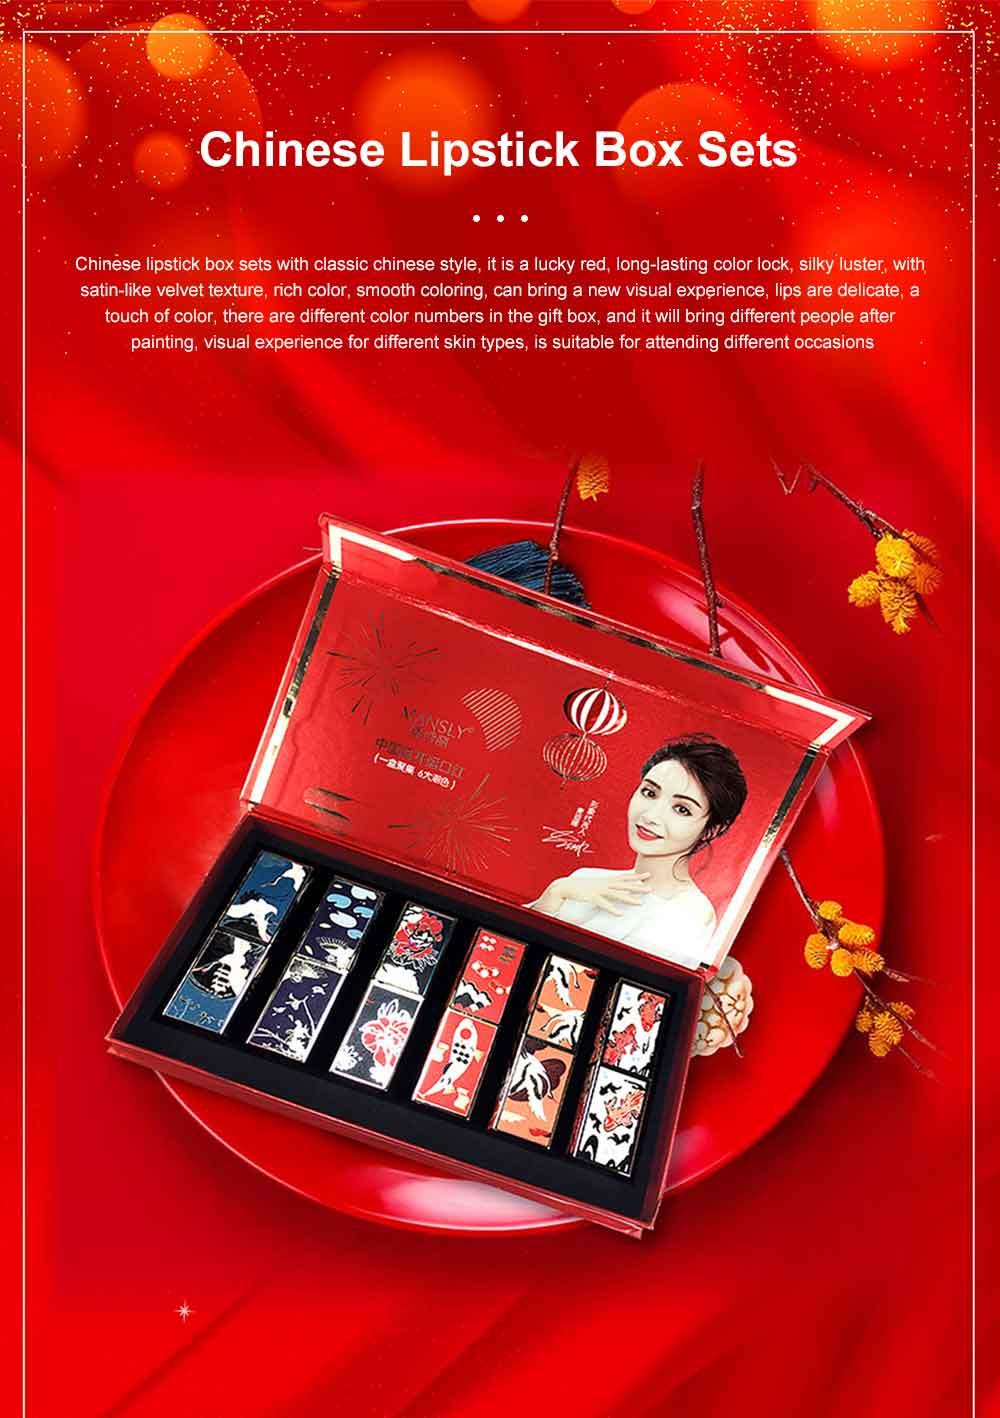 Chinese Palace Classic Style Non-stick Matte Makeup Lip Gloss Waterproof Long Lasting Private Label Lipstick Box Sets 0